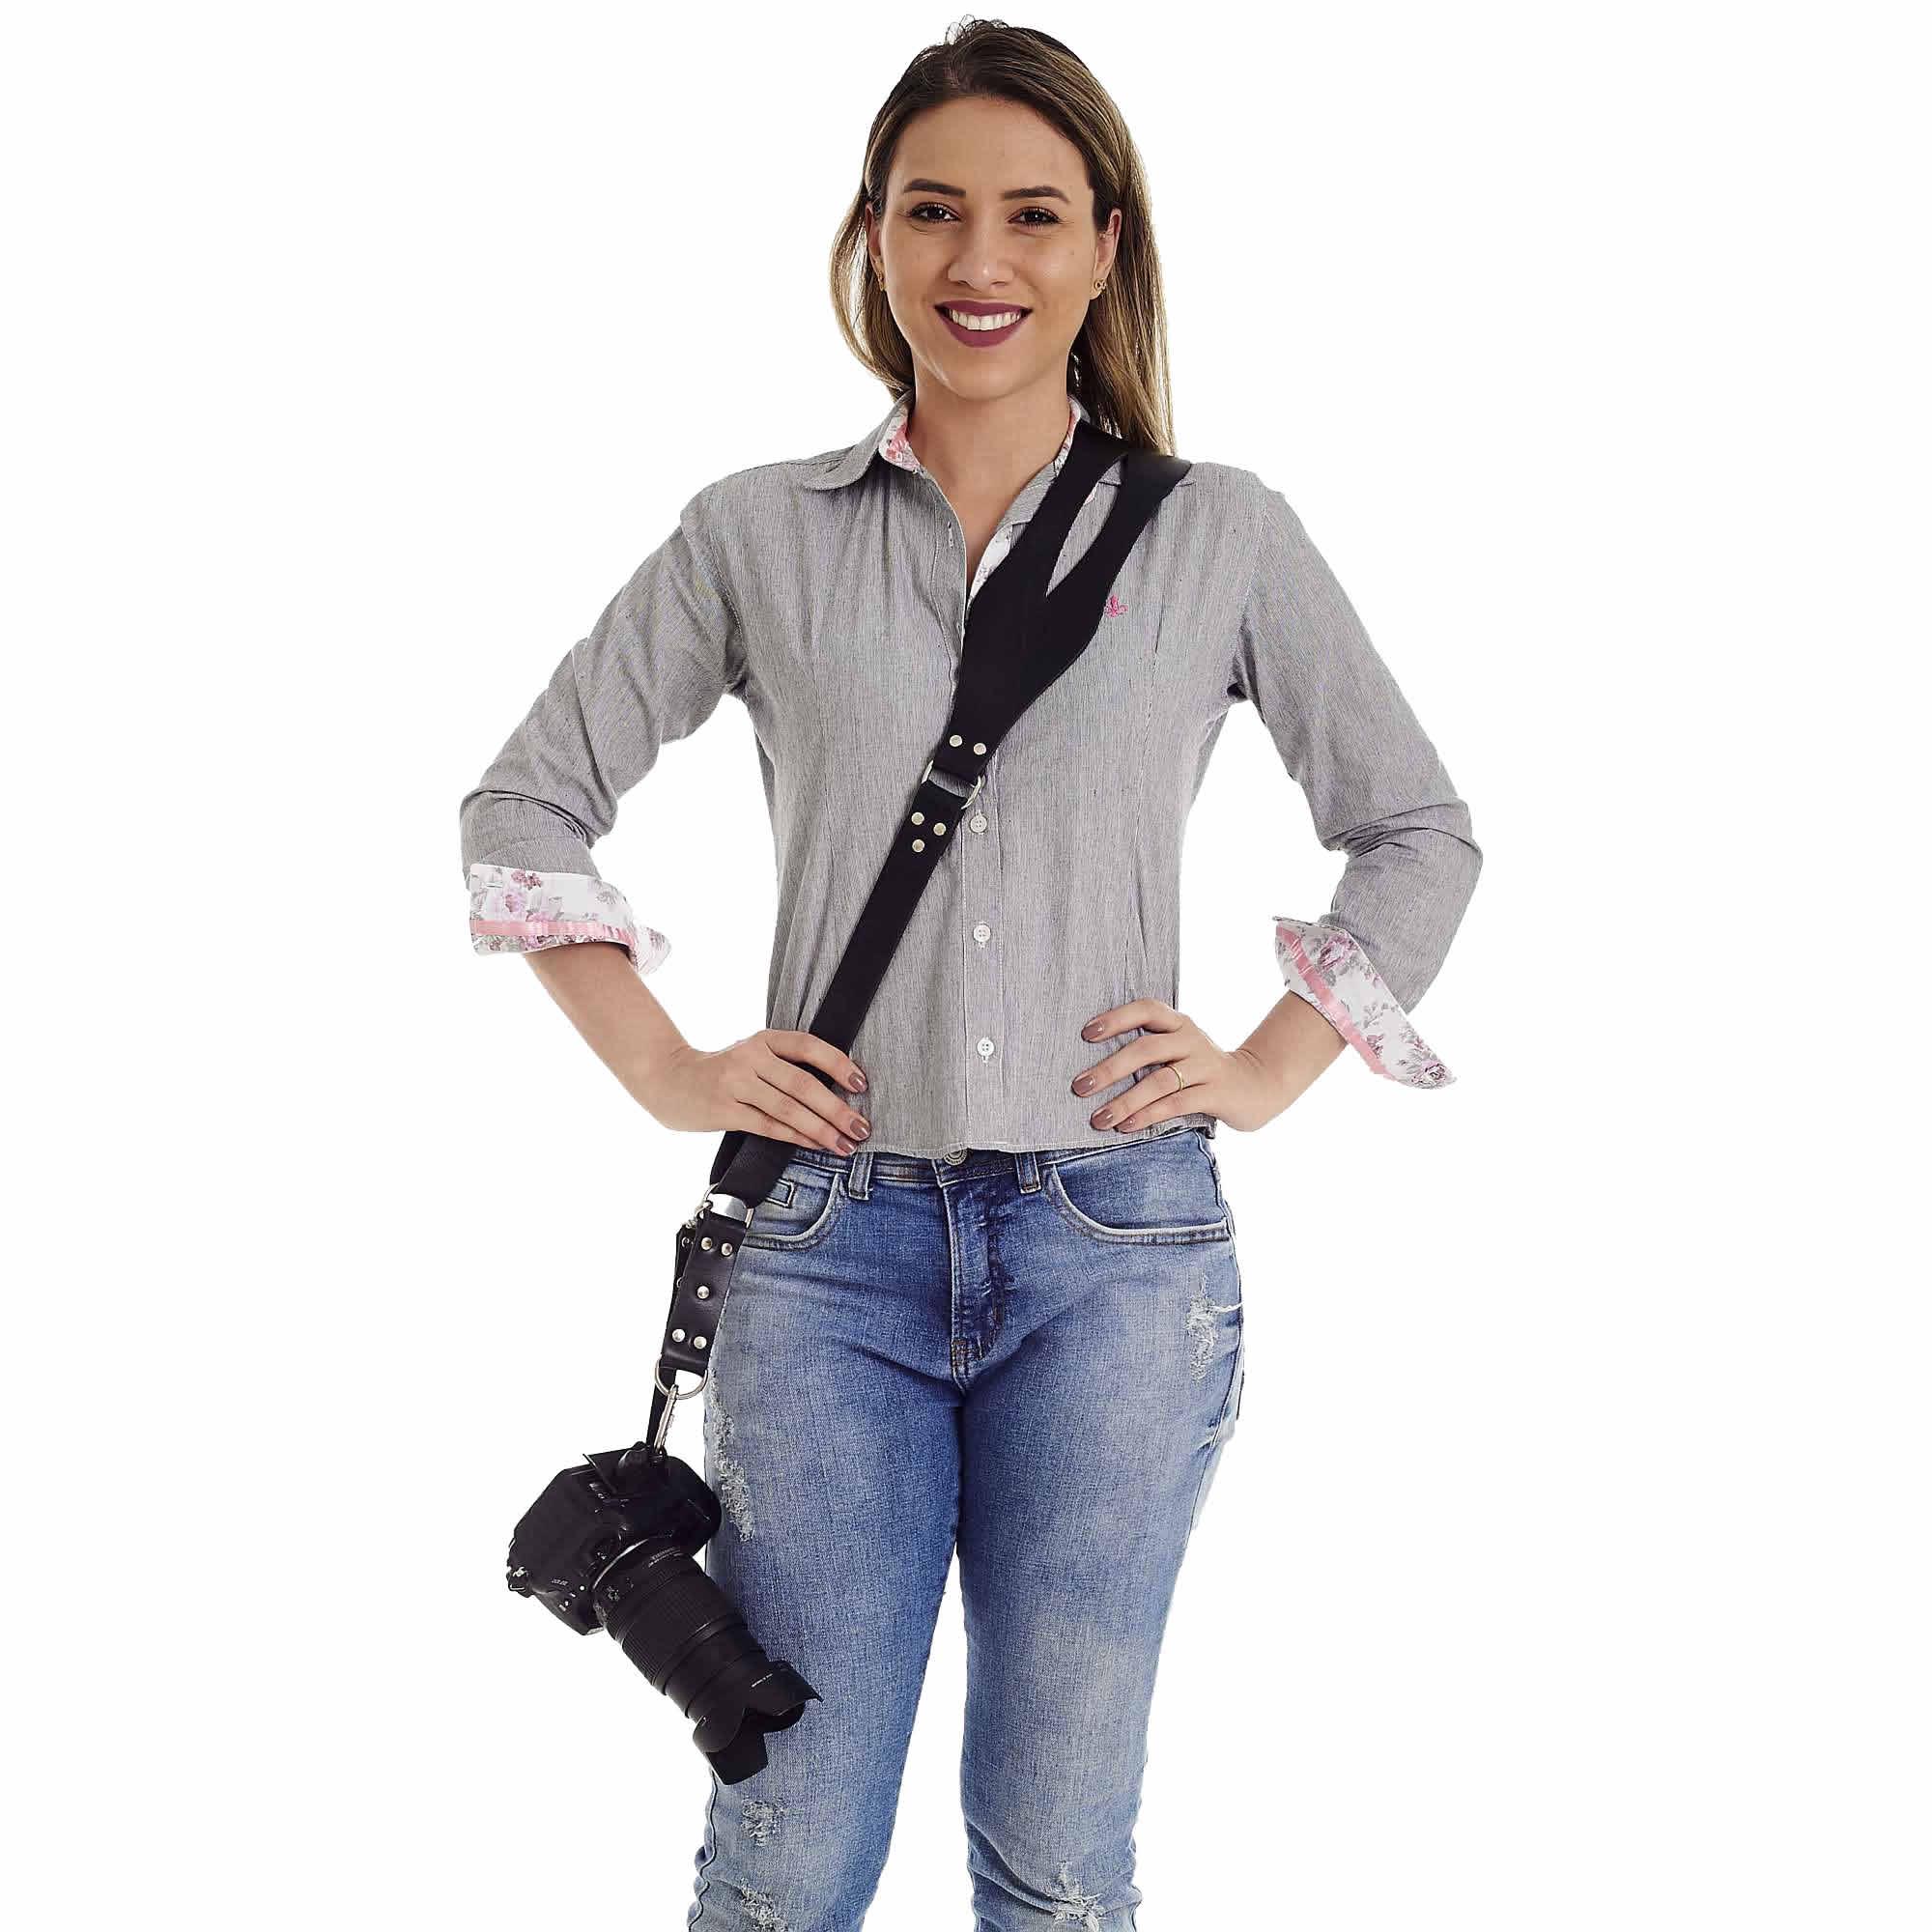 Alça Cinta Unilateral P/ Câmera Fotográfica em Couro Genuíno Larga no Ombro